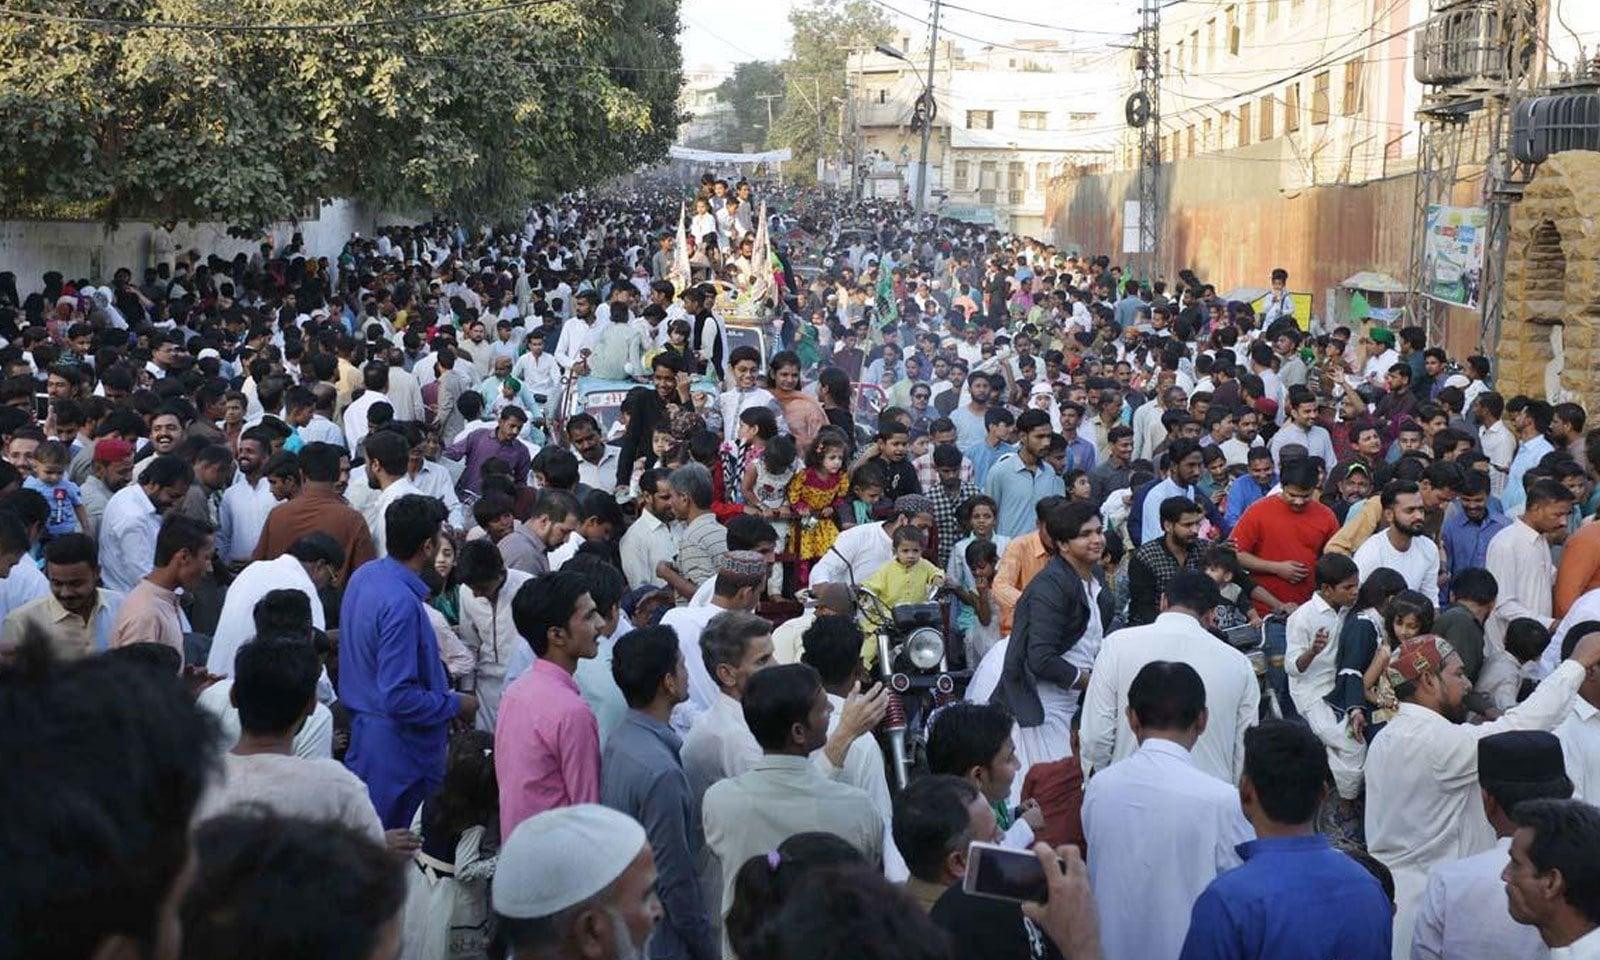 حیدر آباد میں بھی جلوس میں شہریوں کی بڑی تعداد موجود تھی—فوٹو:اے پی پی